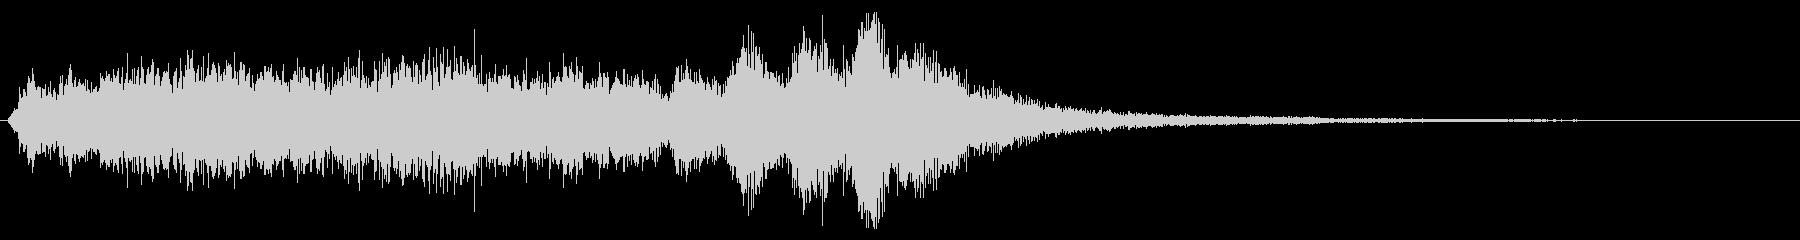 バイオリン系の場面転換 CMイン 切替の未再生の波形